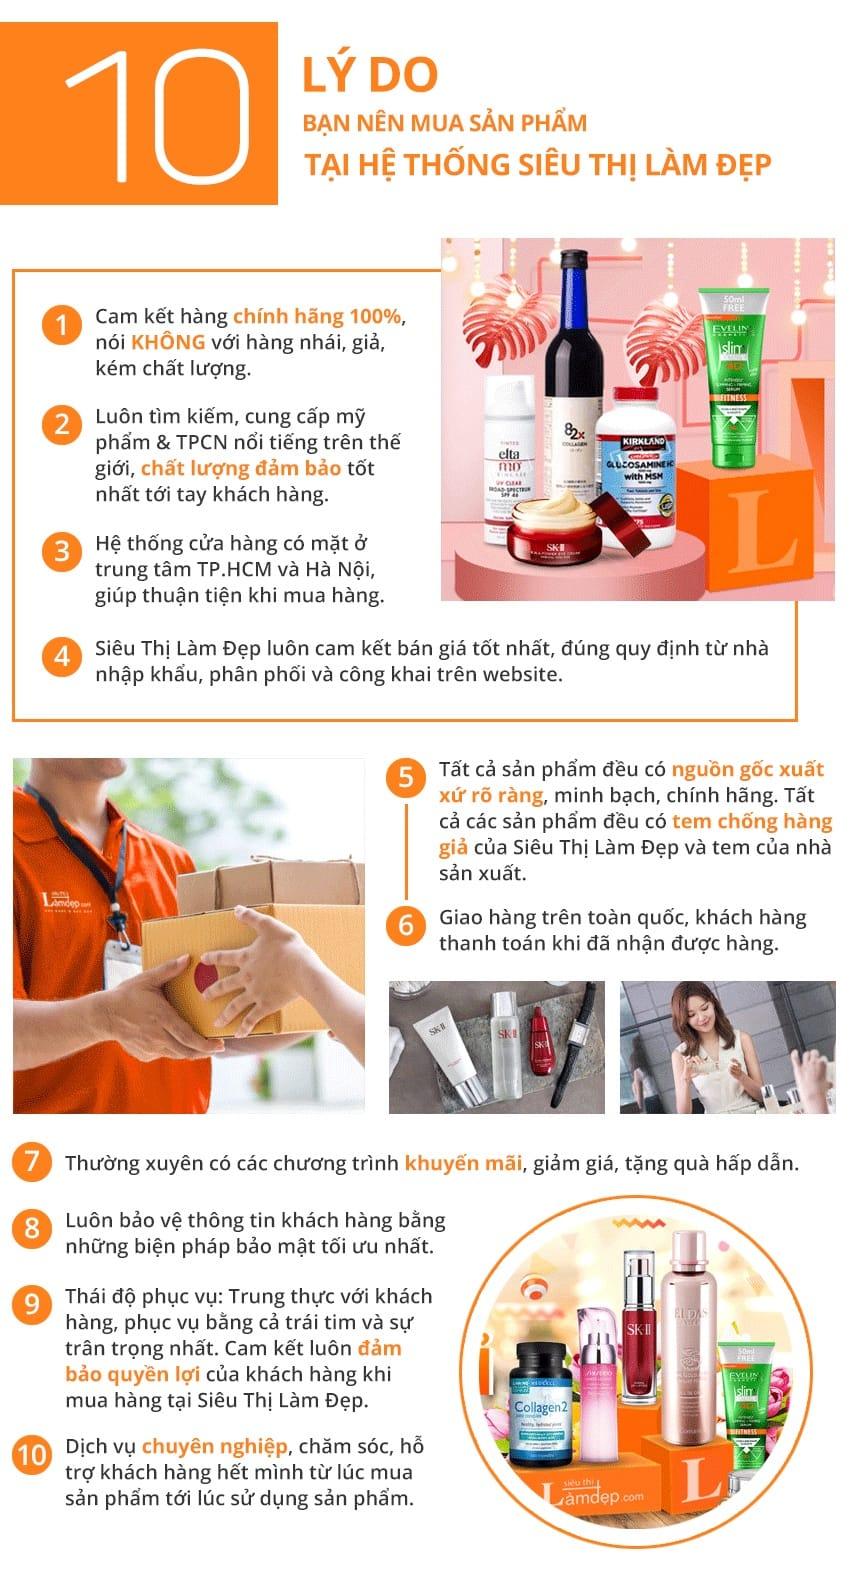 10 lý do mua hàng tại Siêu Thị Làm Đẹp